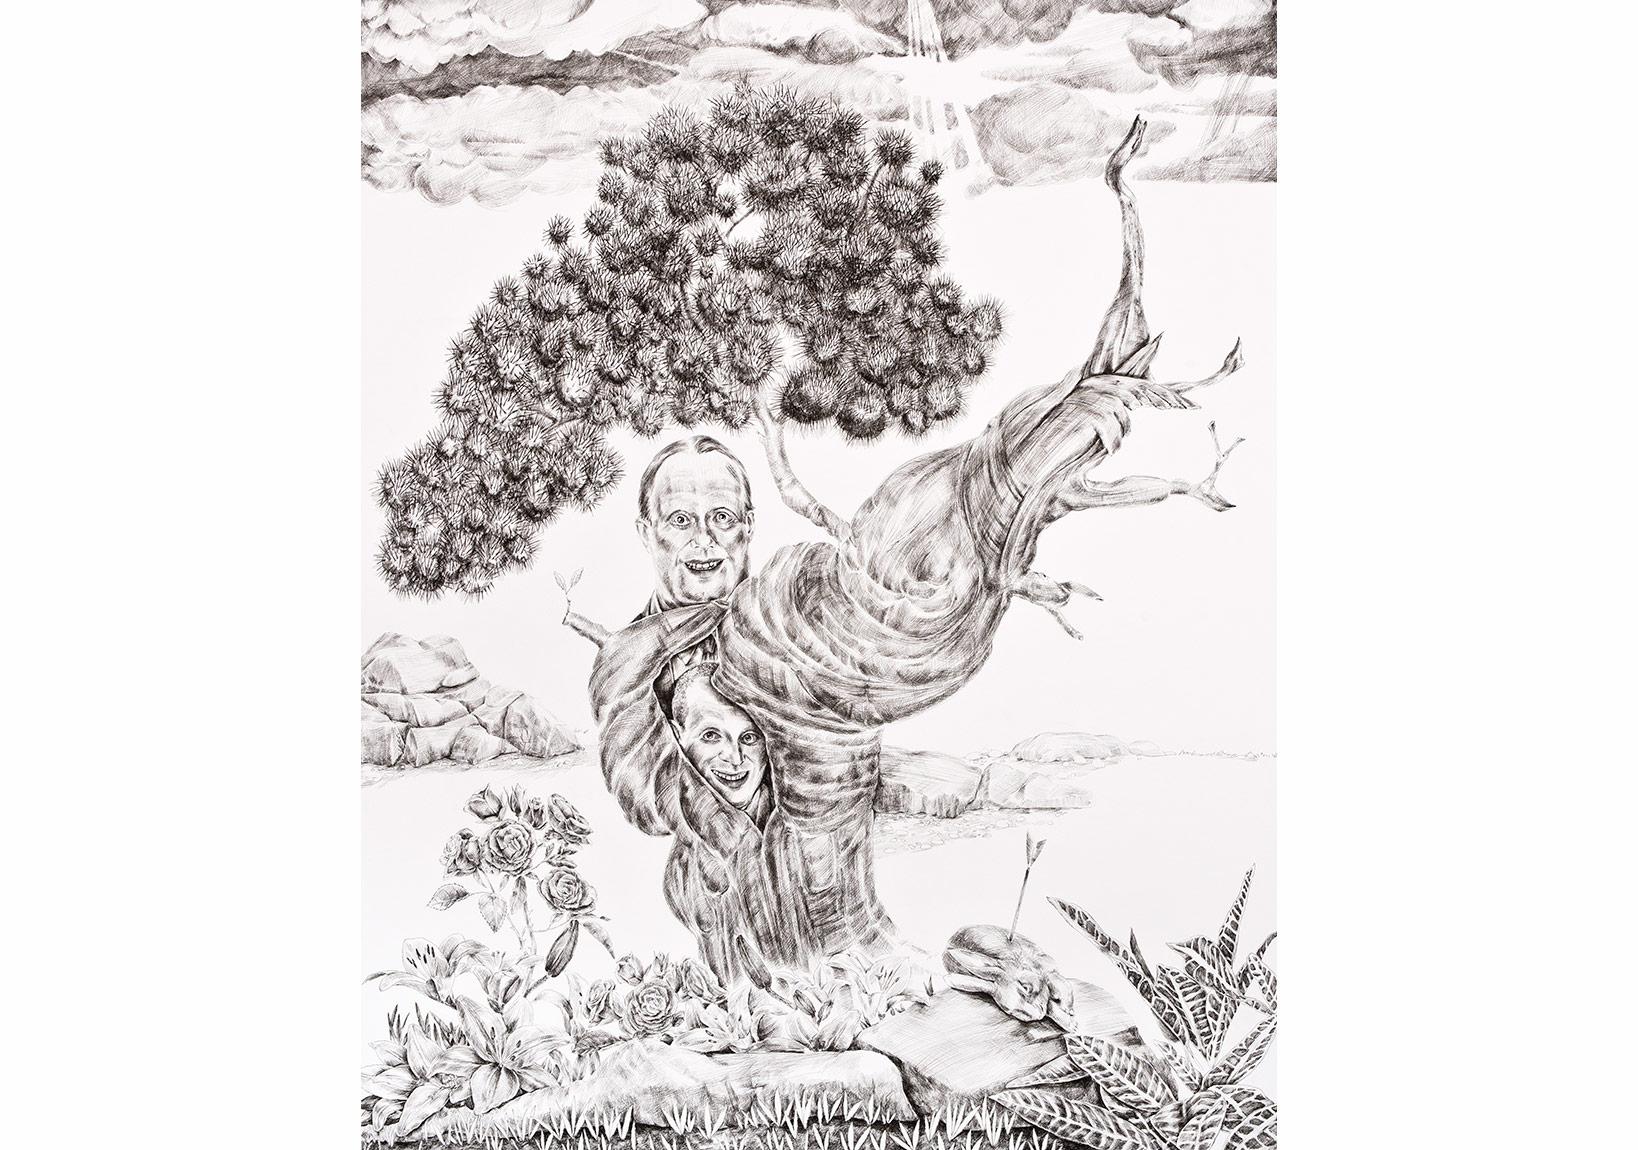 """Ali Elmacı, """"Silahlar Çekilince Gölgeler Büyür I""""Kağıt üzerine mürekkep, 120 x 94.5 cm, 2015"""